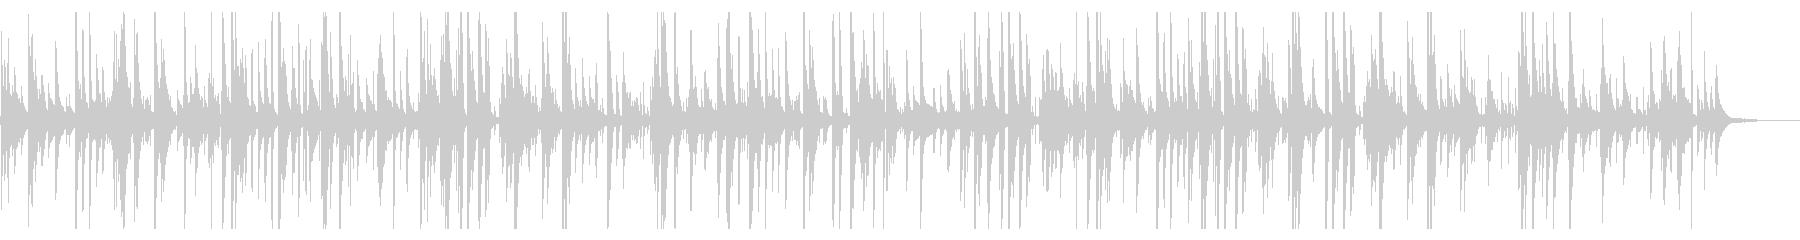 かっこいいジャズピアノバラードBGMの未再生の波形